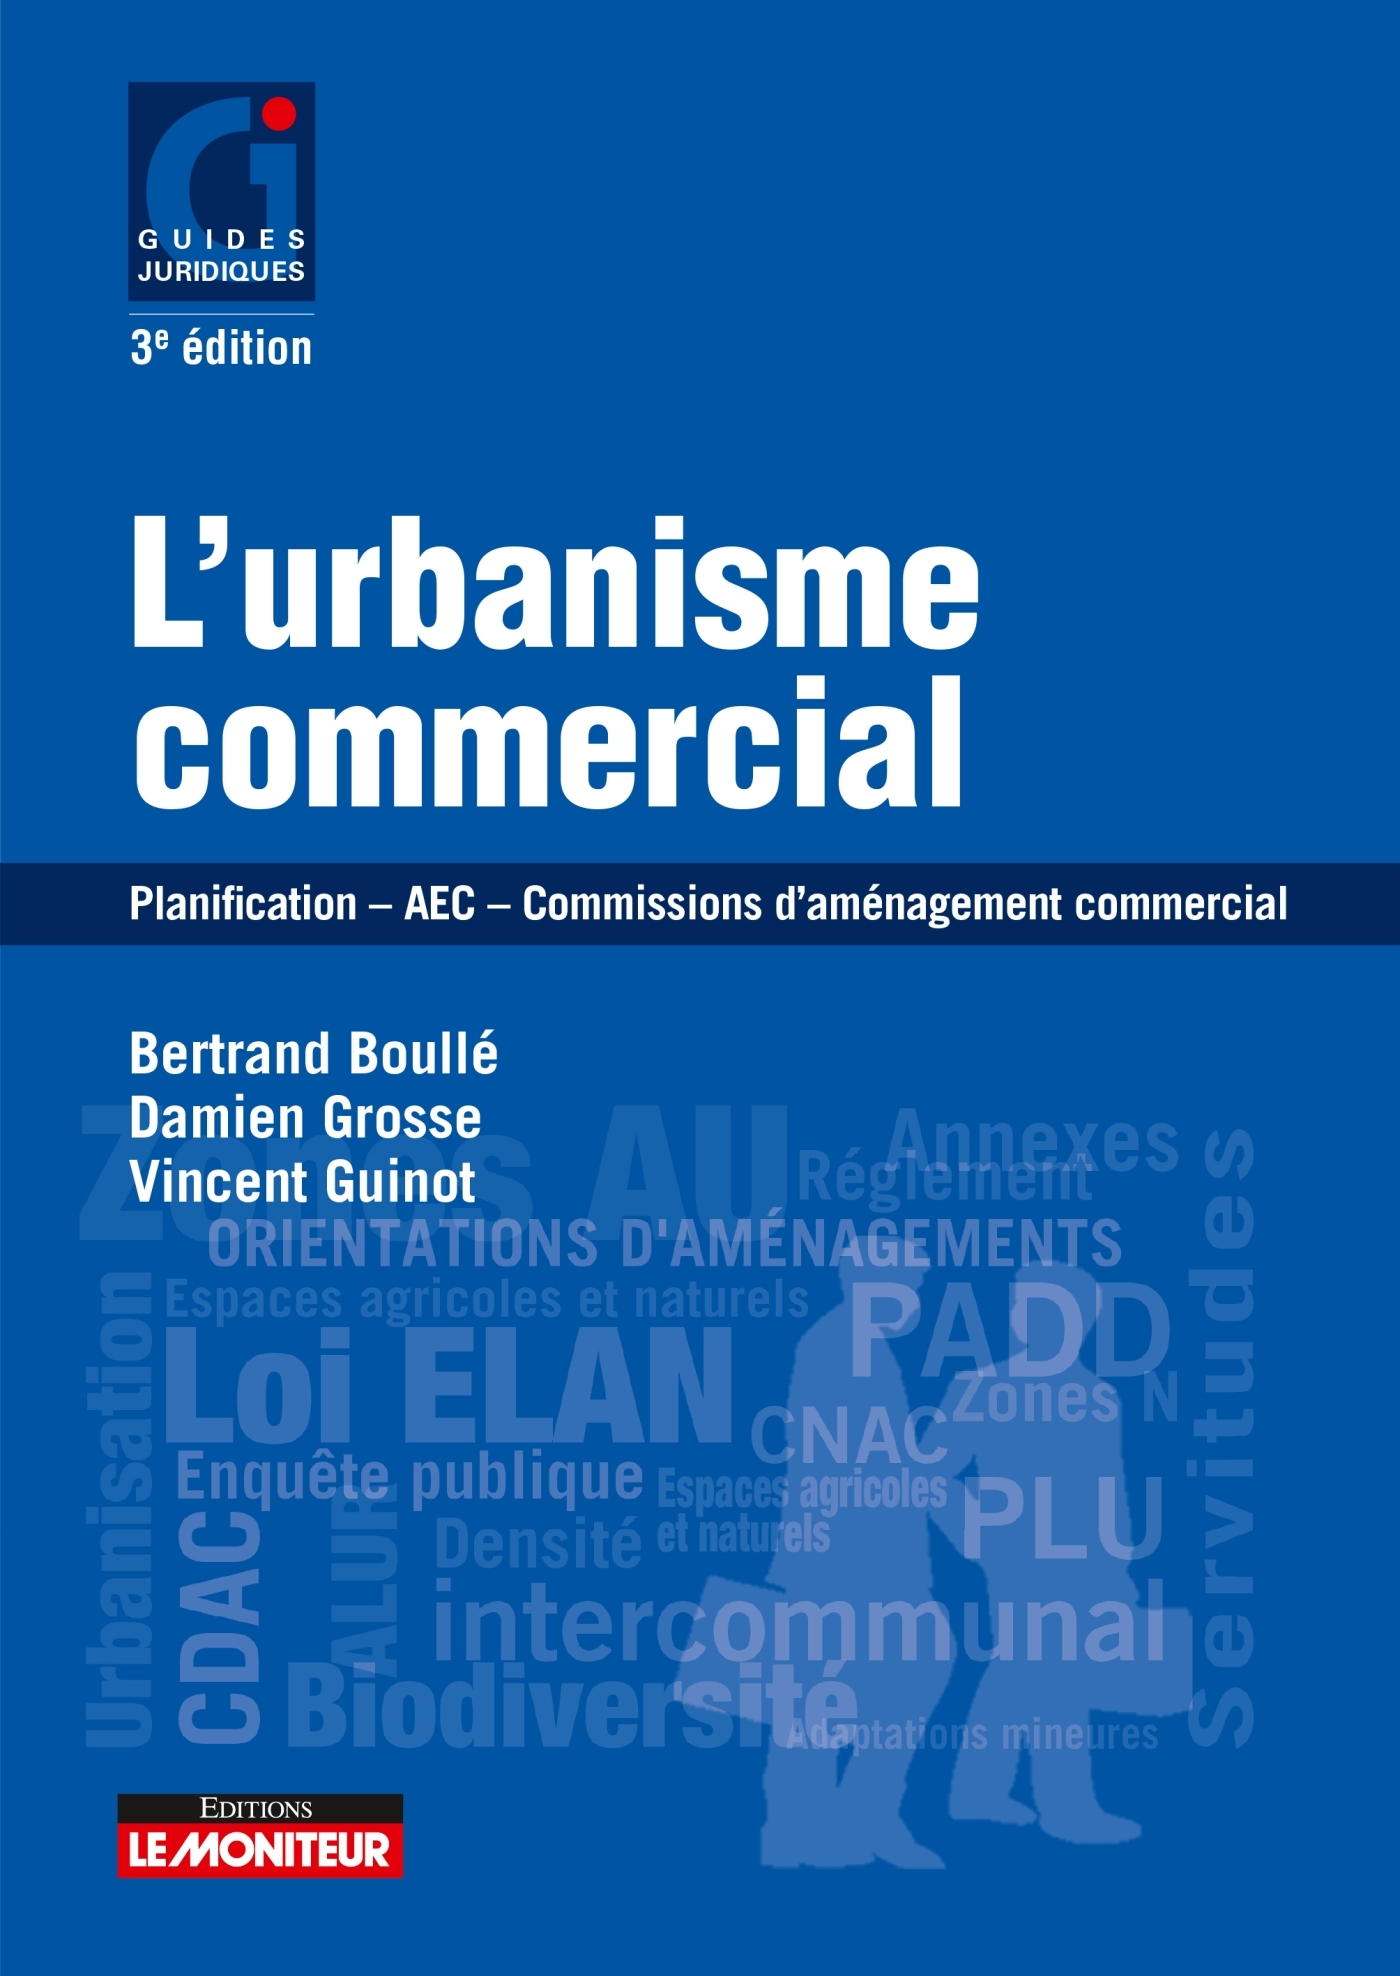 LE MONITEUR - 3E EDITION 2020 - L'URBANISME COMMERCIAL - PLANIFICATION - AEC - COMMISSIONS D'AMENAGE